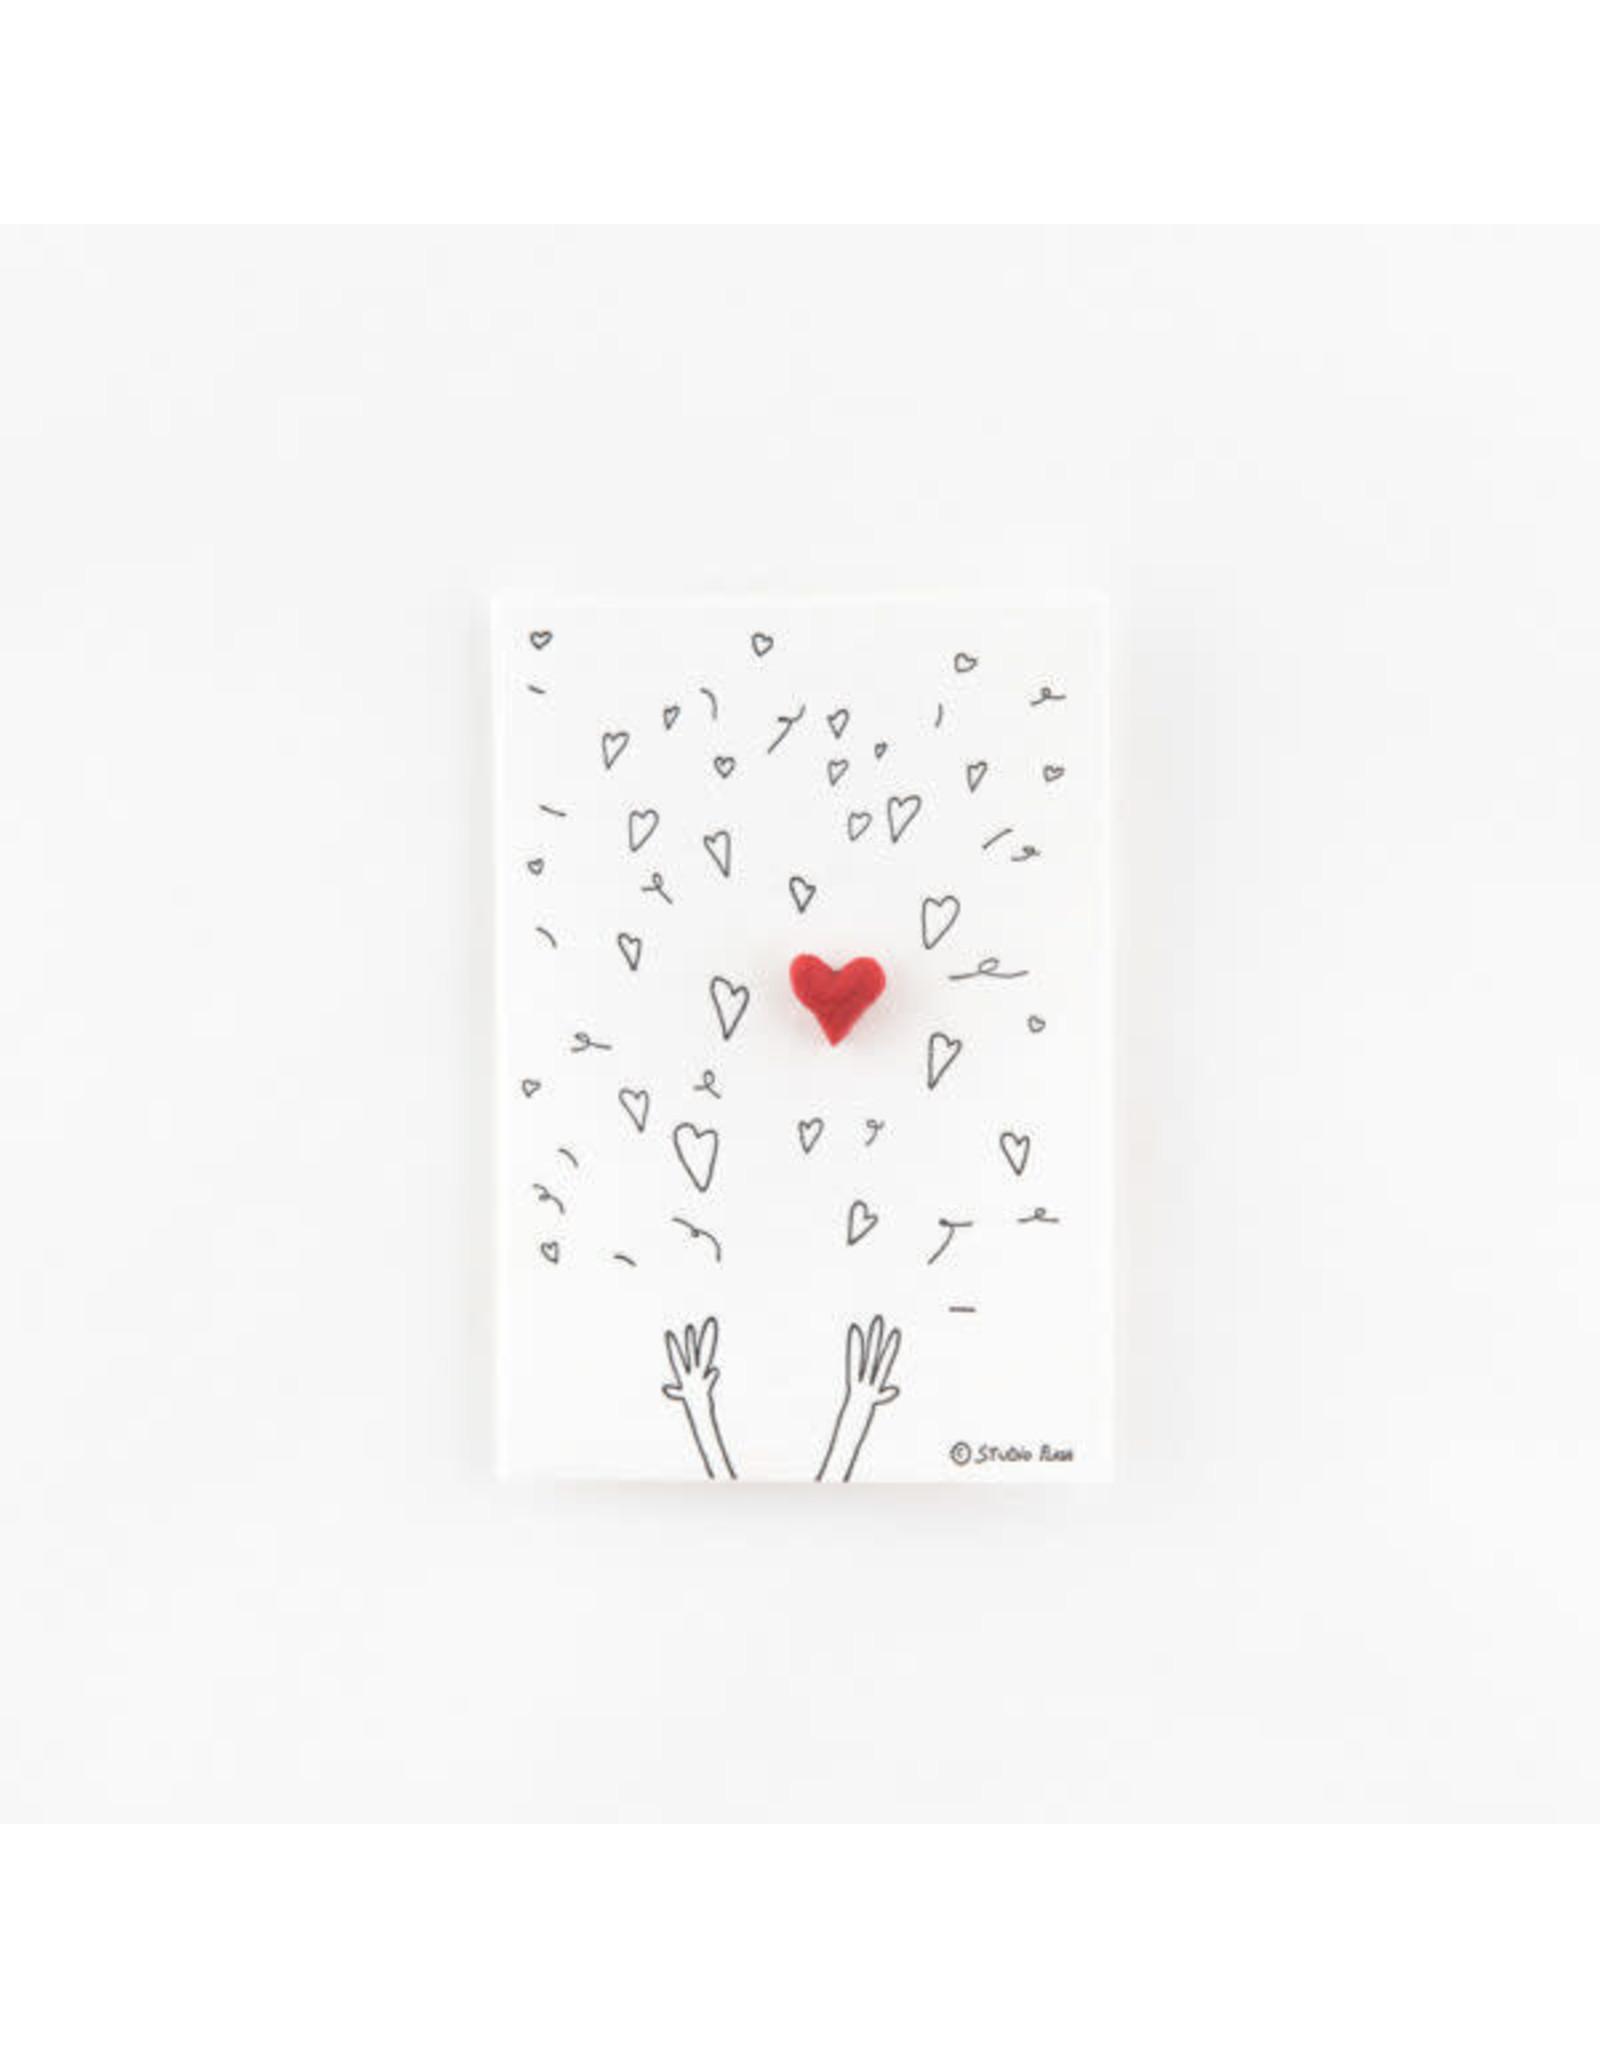 Studio Flash Pin - Hearts Confetti